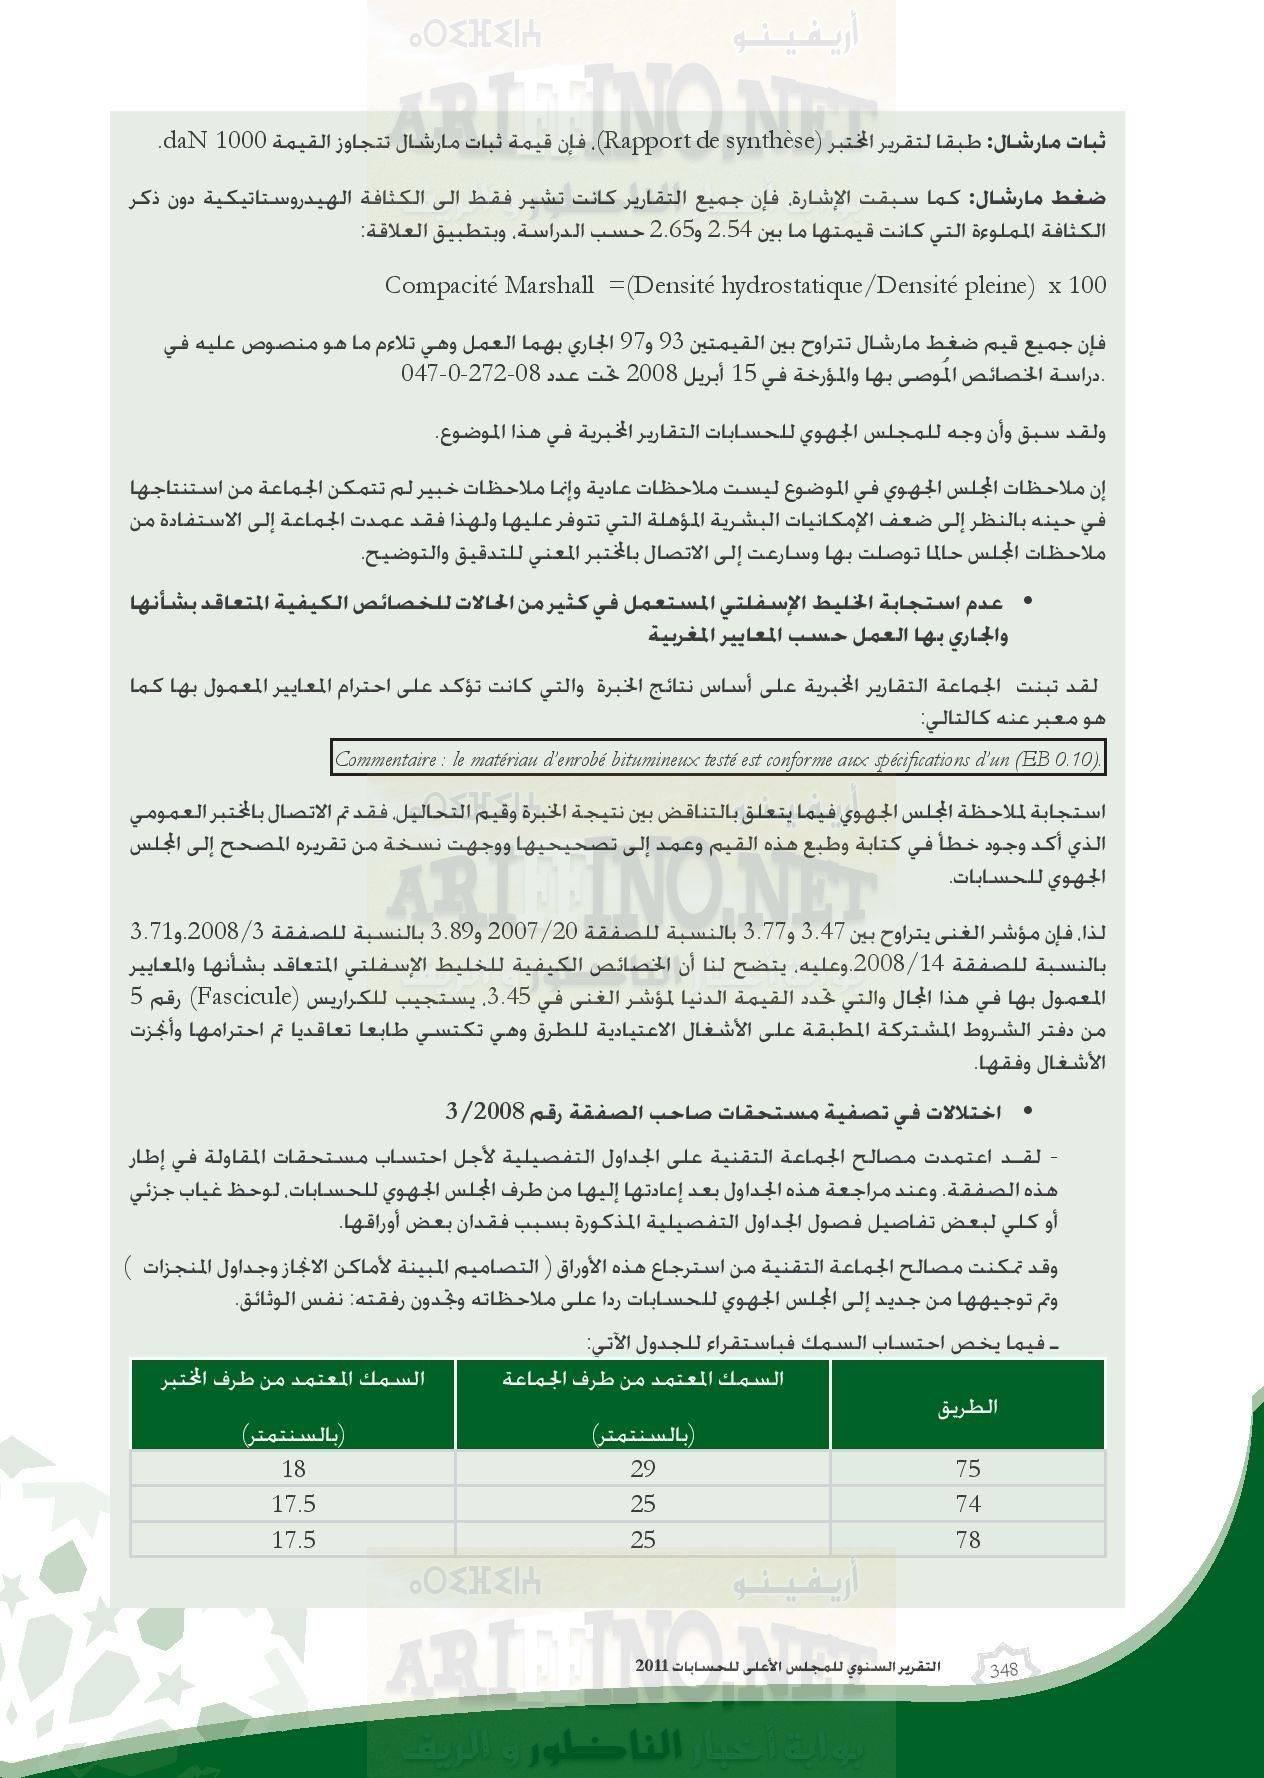 nador_0074 تقرير المجلس الاعلى للحسابات: بلدية الناظور تعيش إختلالات و عشوائية و عاجزة عن القيام بمهامها